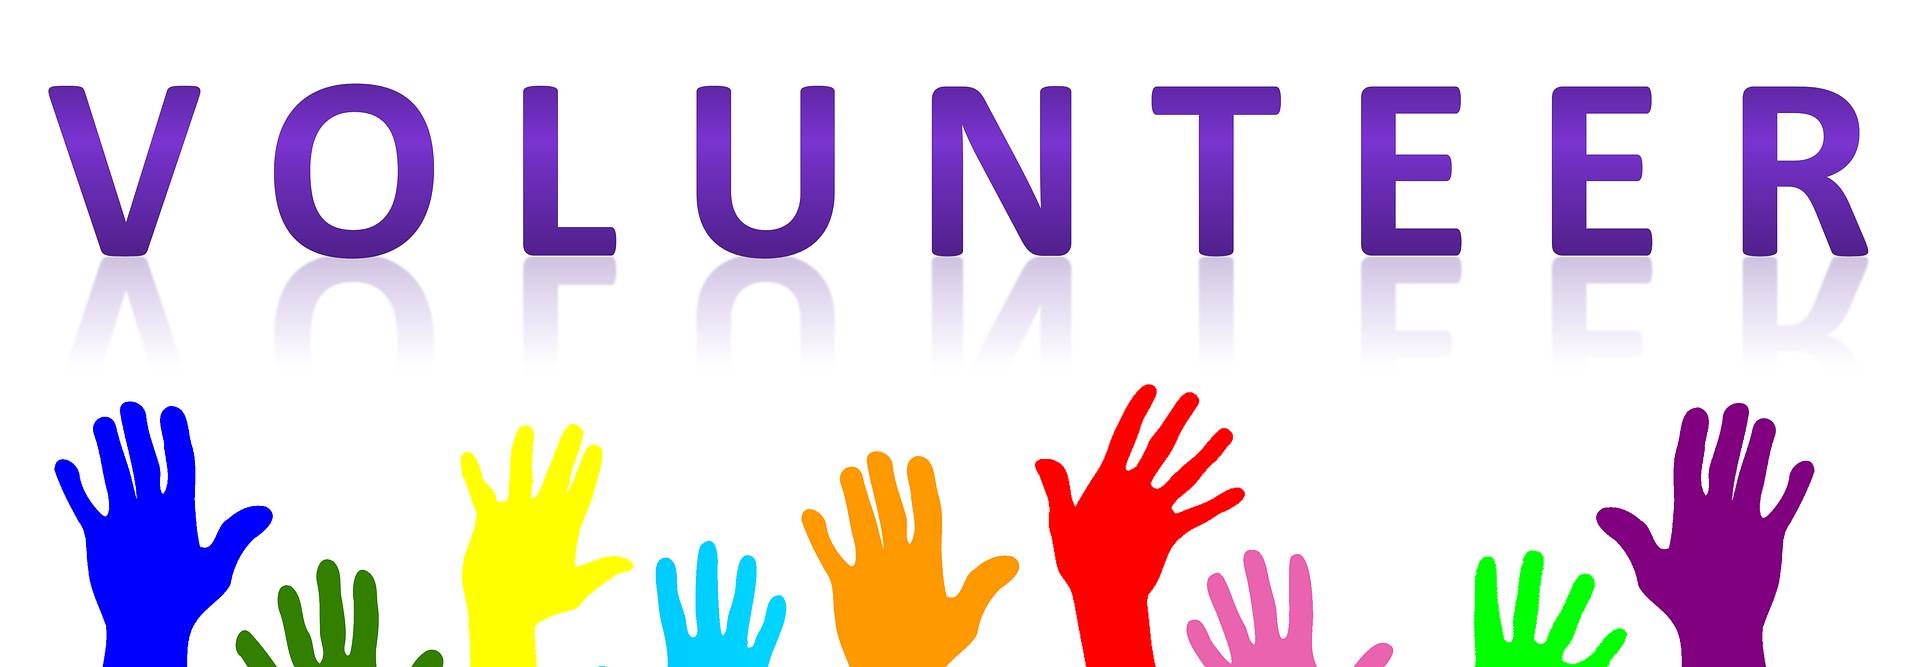 2020 MAATA Annual Meeting Volunteers Needed